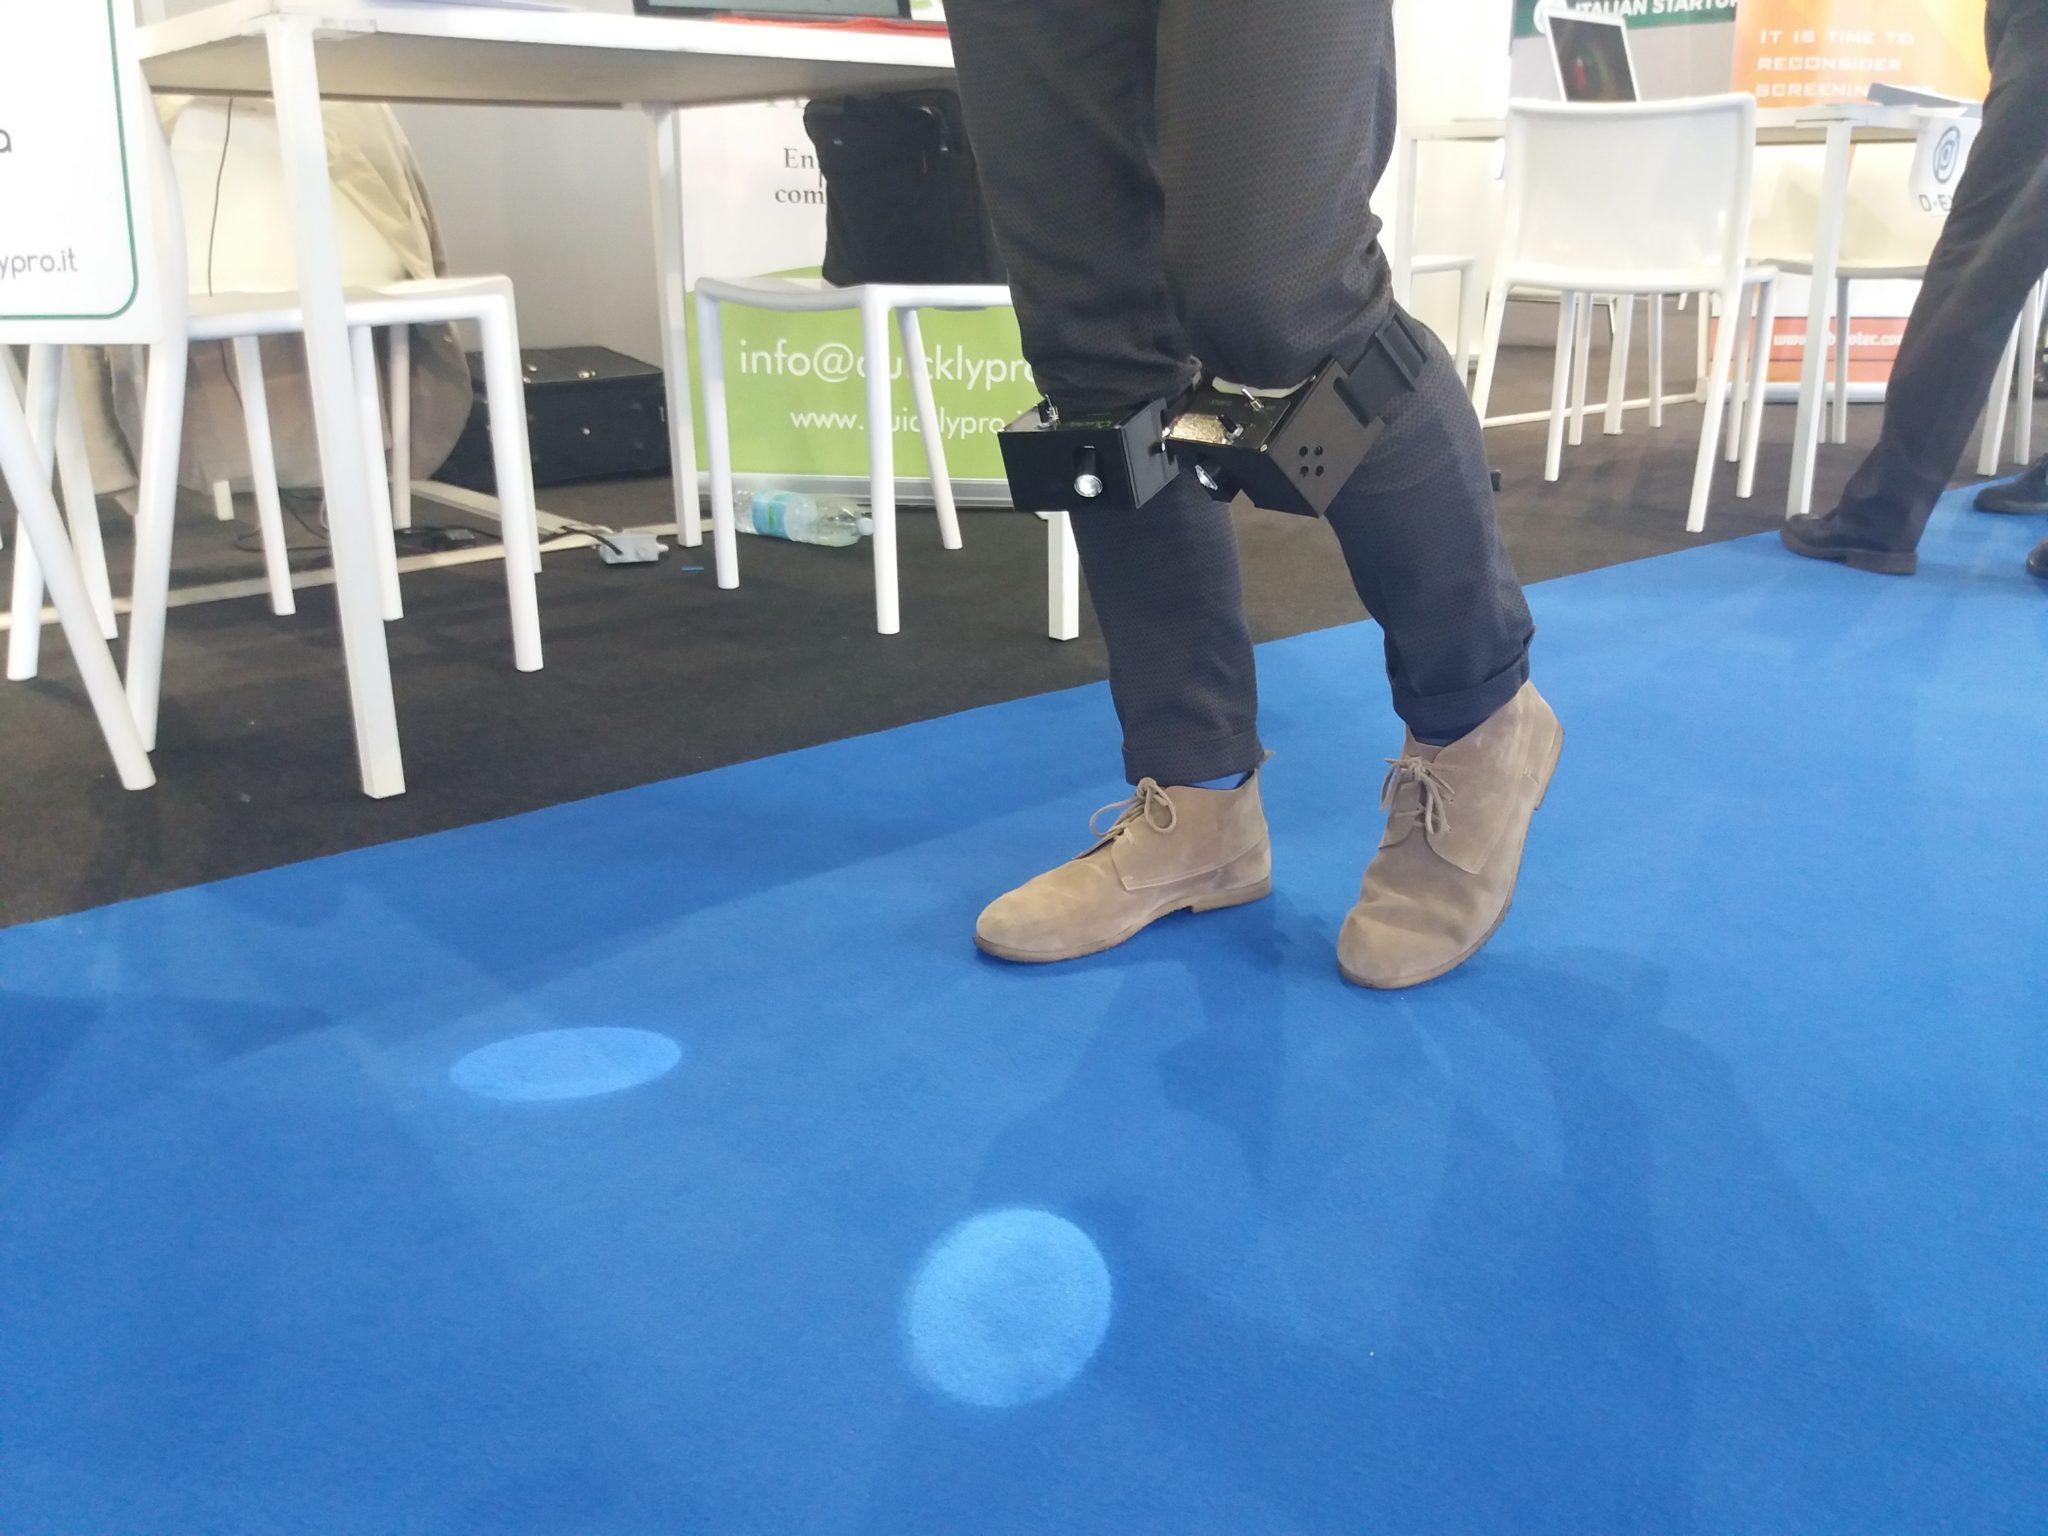 Quicklypro Q-Walk ginocchiere hitech per riabilitazione difficoltà motoria